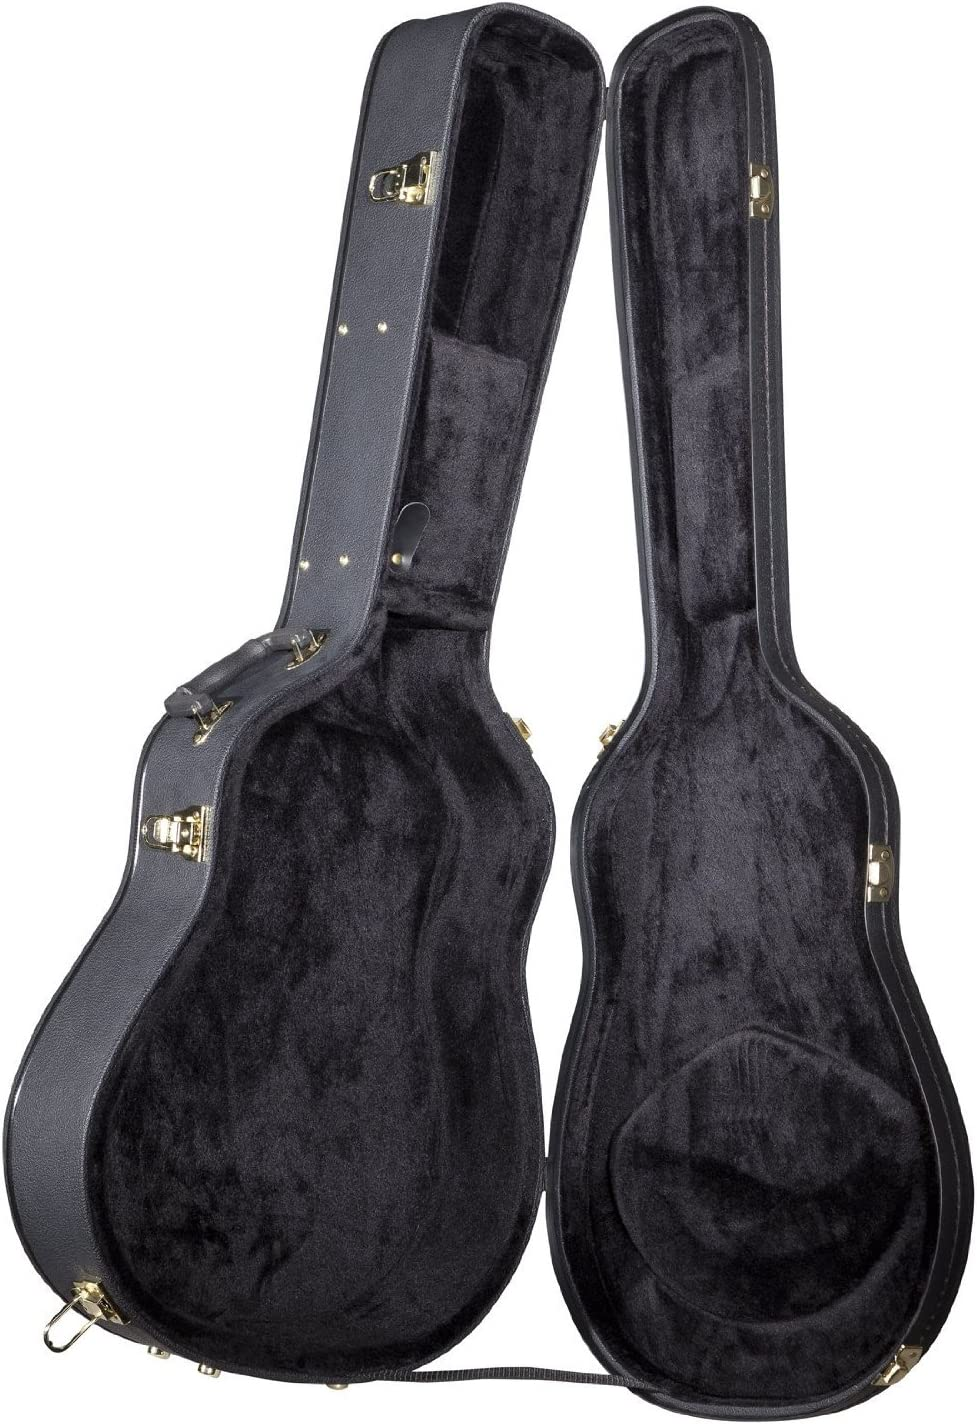 【 並行輸入品 】 Yamaha (ヤマハ) HC-AG1 Hardshell Acoustic ギターケース